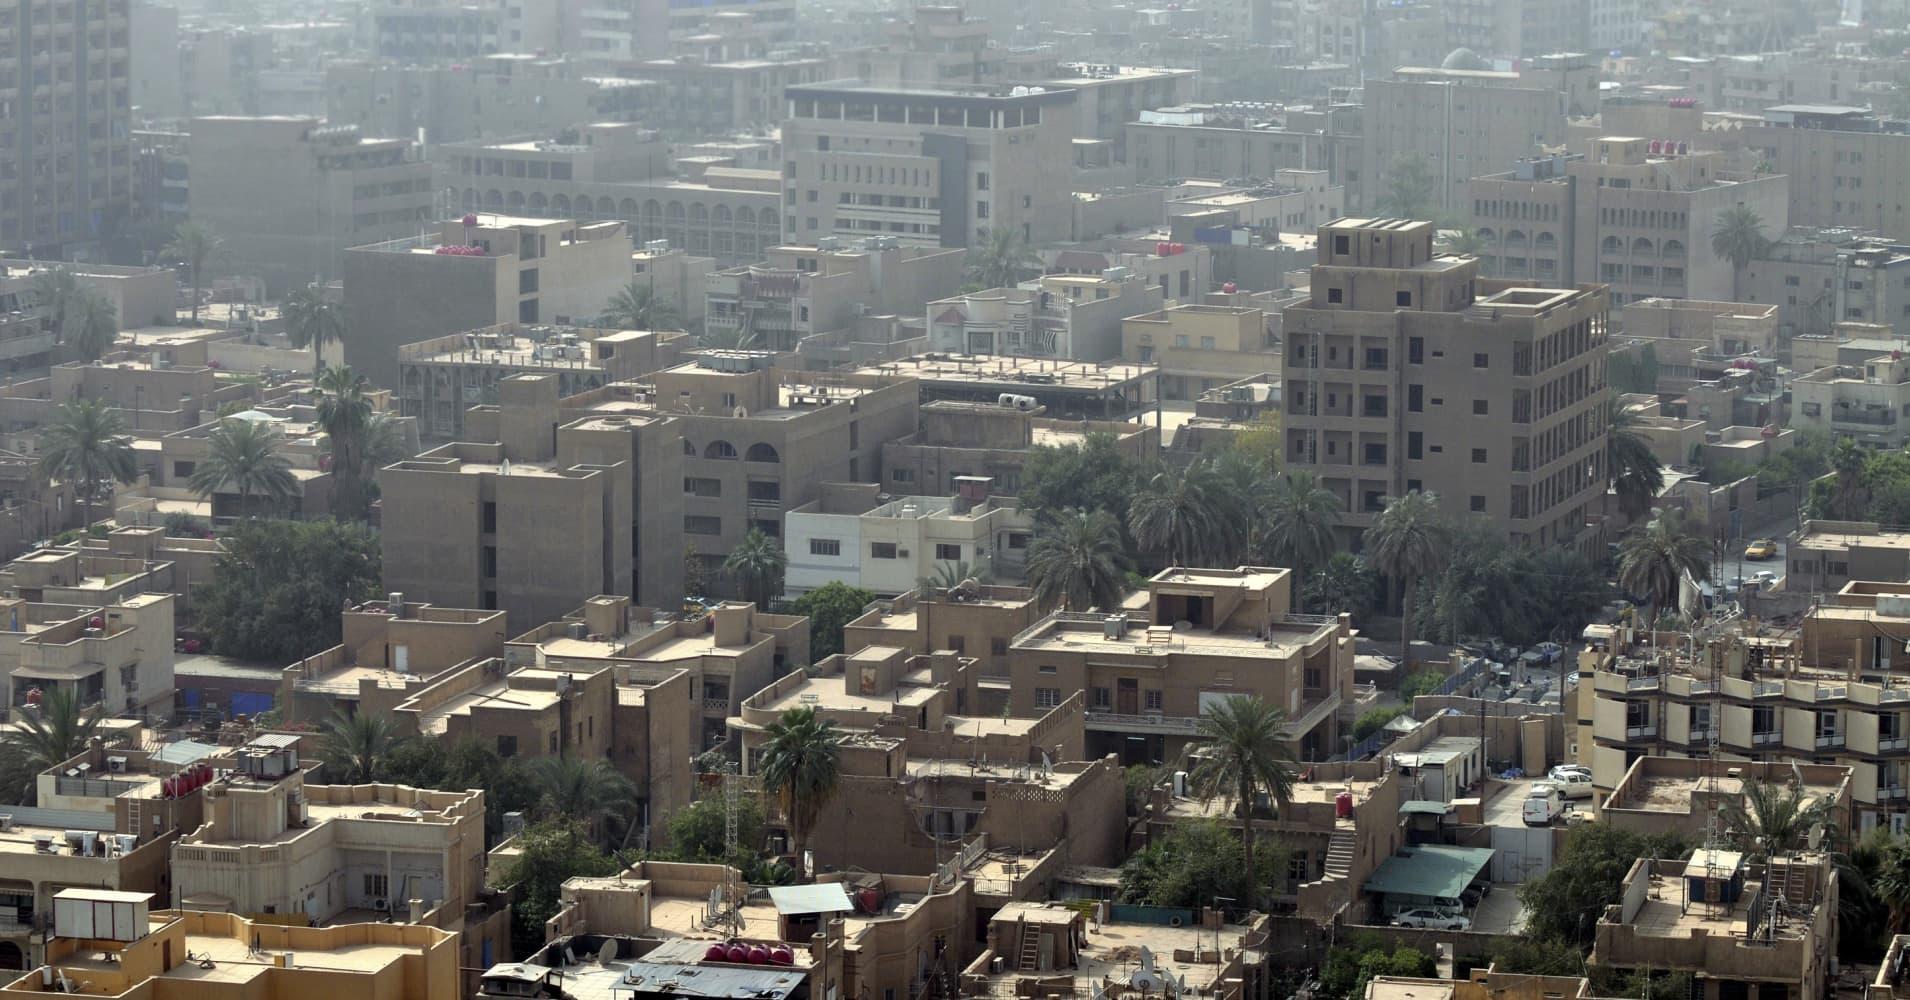 Iraq's massive 2019 budget still fails to address reform needs, experts say